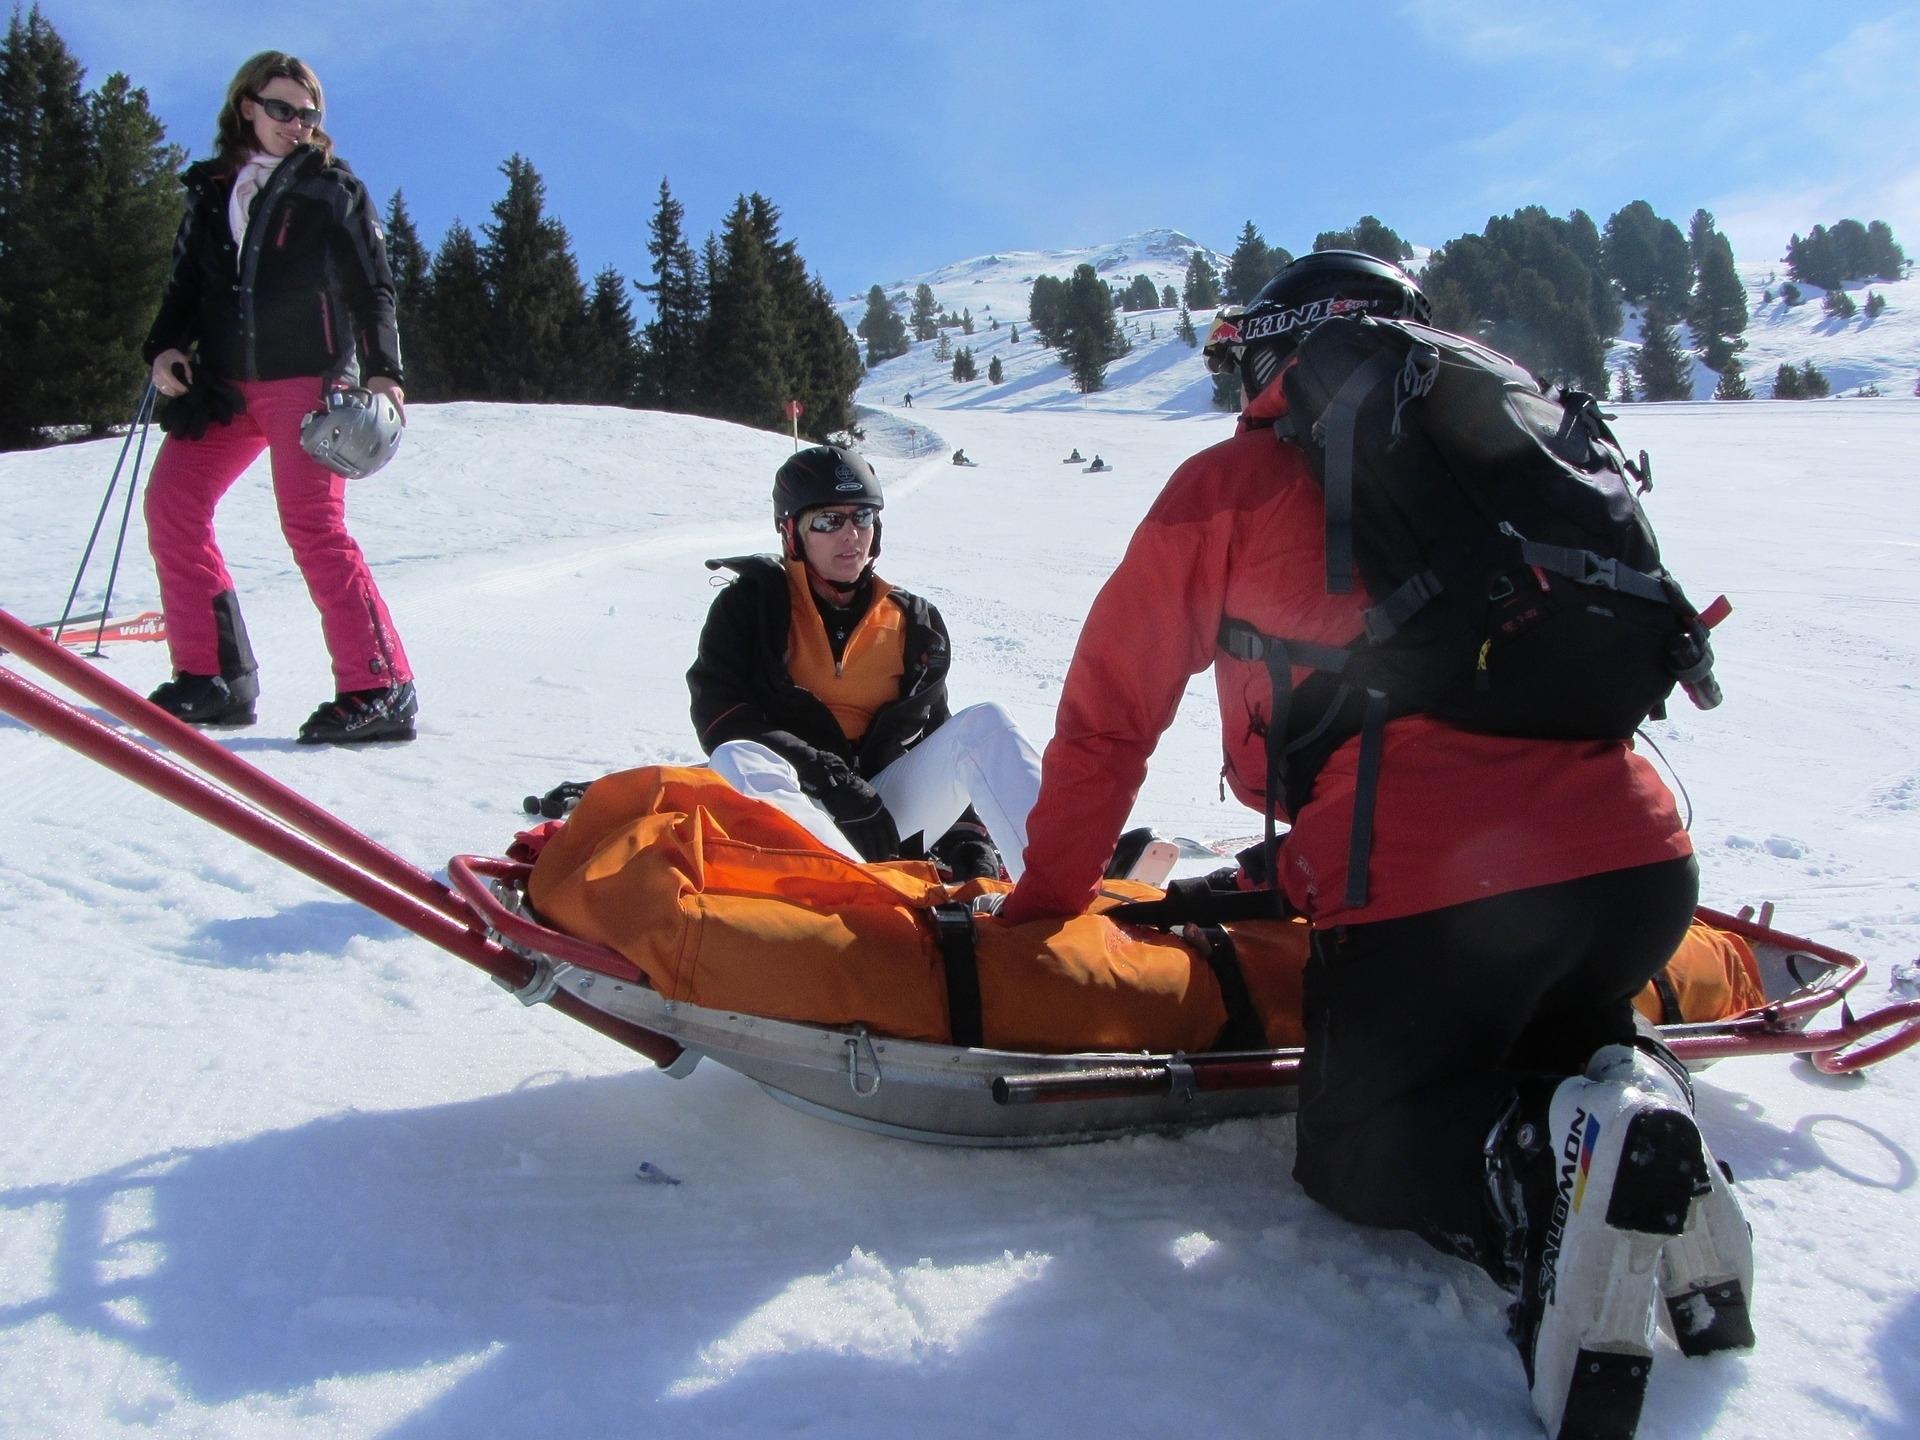 Leo Forsbeck - Die Versicherungs-Experten | Unfall - Freizeitsportler wie Skifahrer sind besonders gefährdet